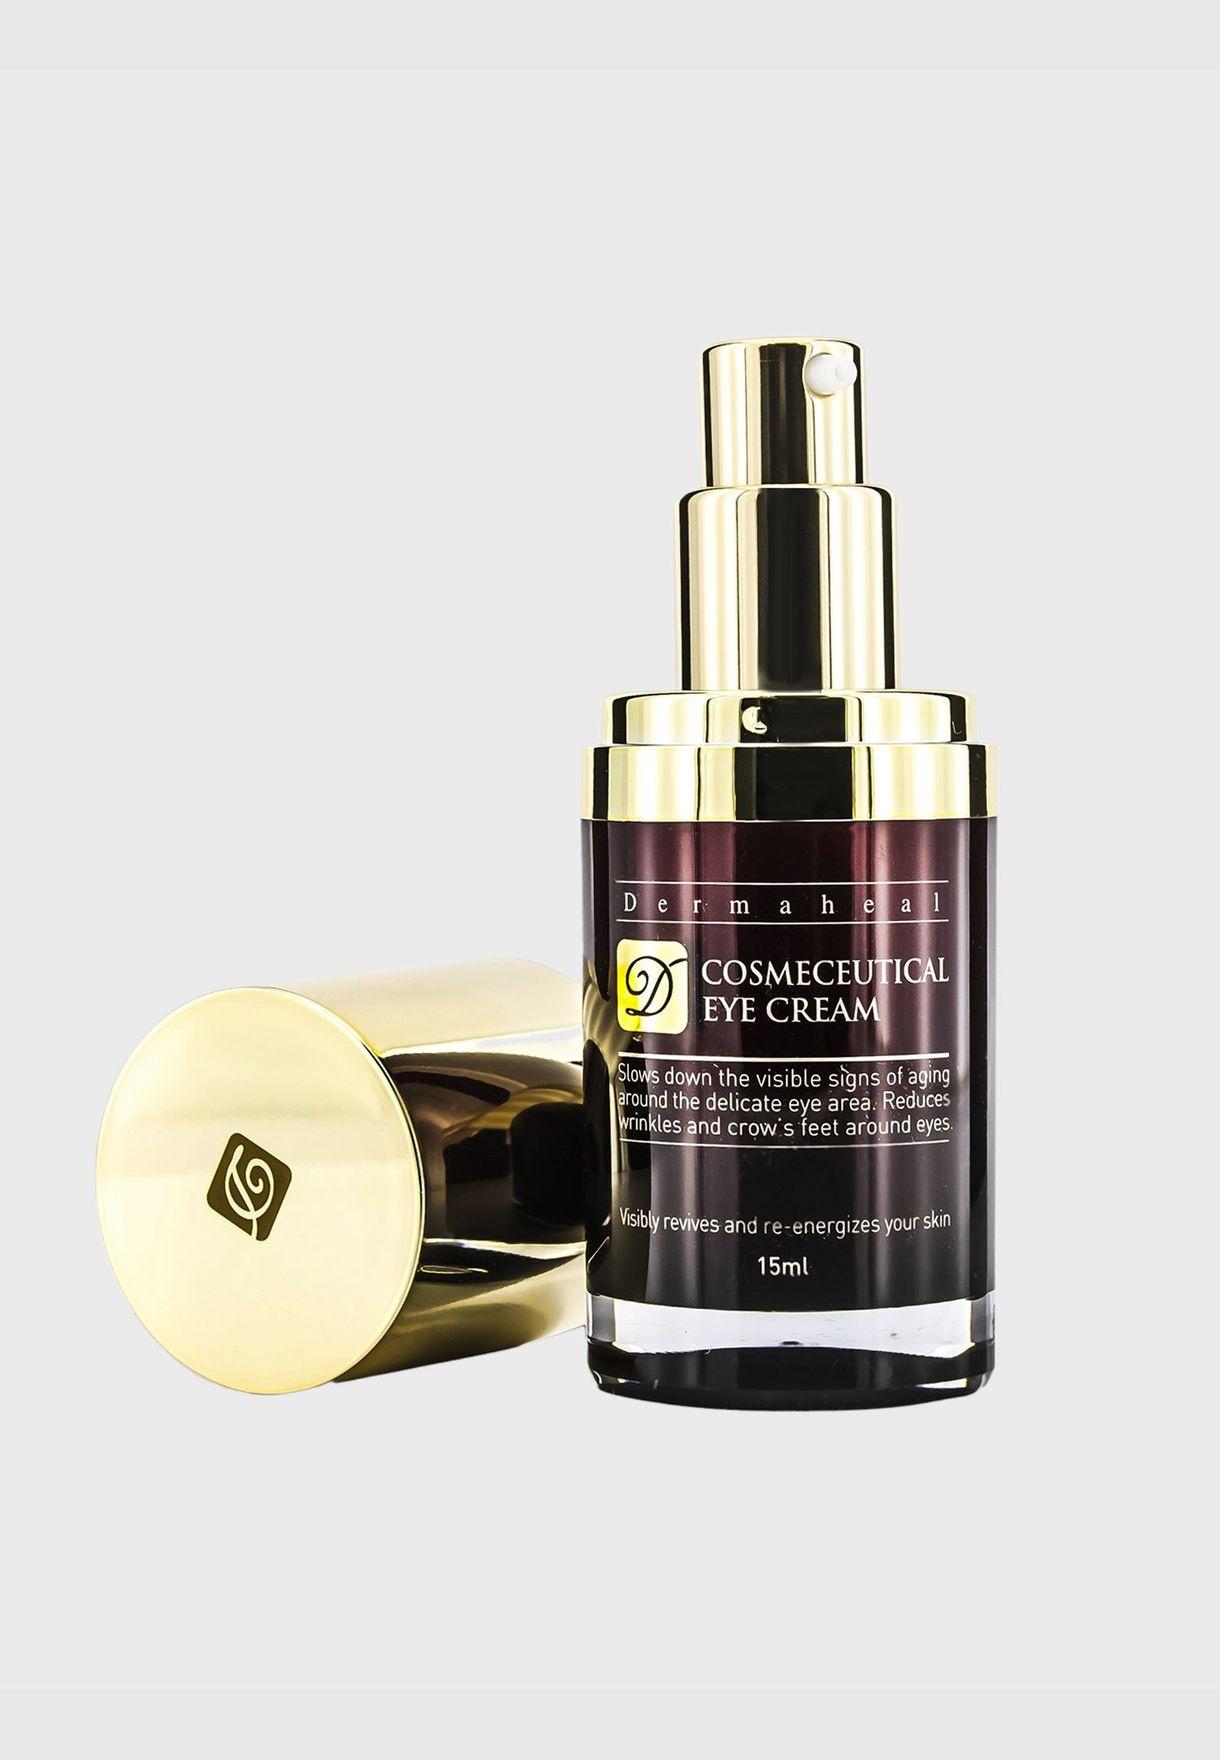 Cosmeceutical Eye Cream